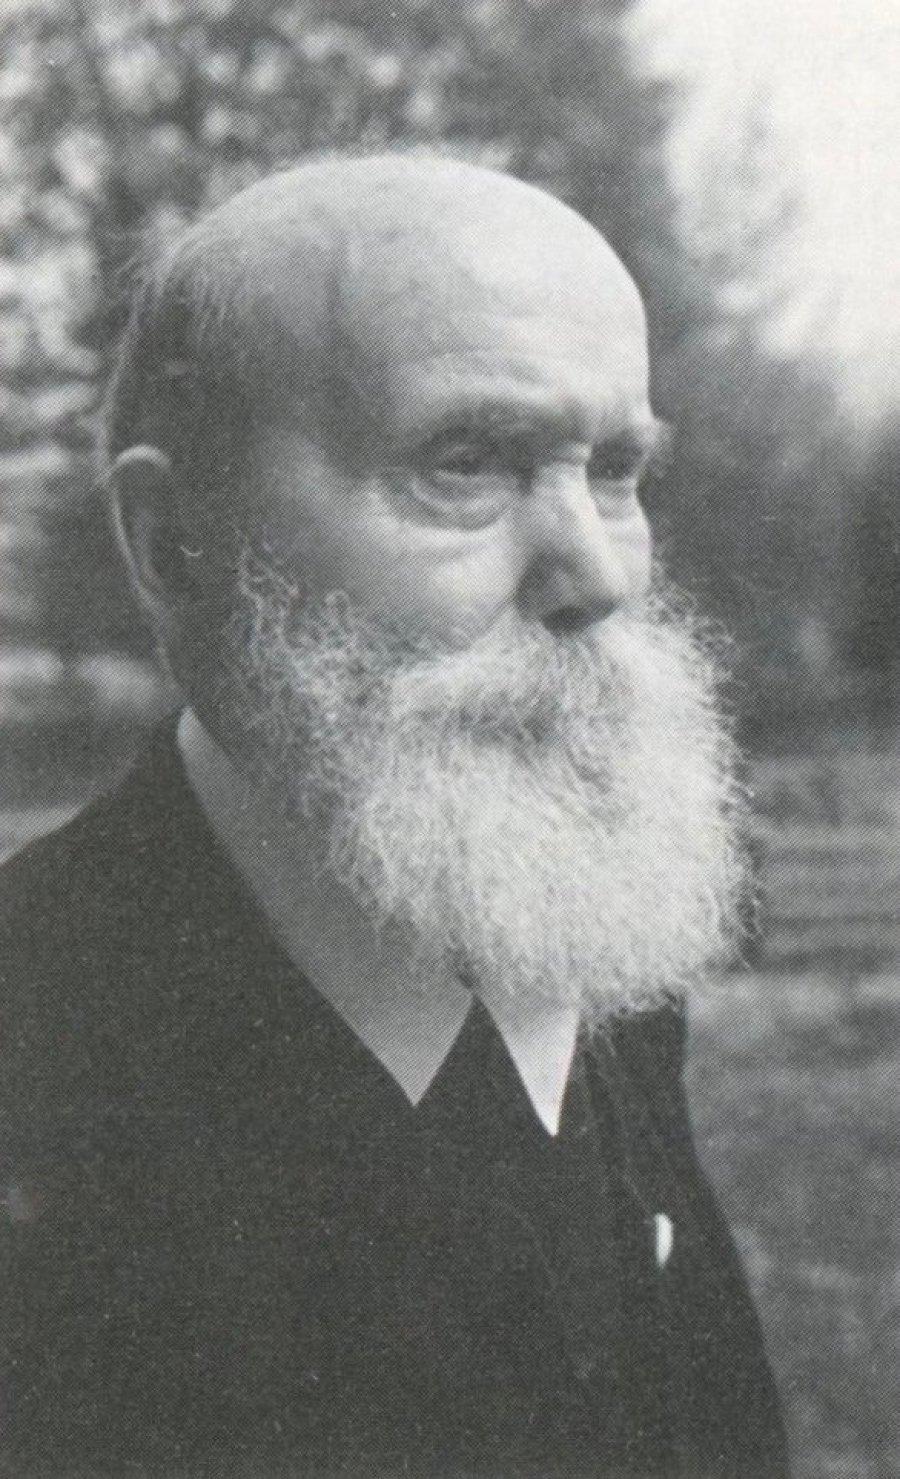 Franz Alois Schratt - Heft 4